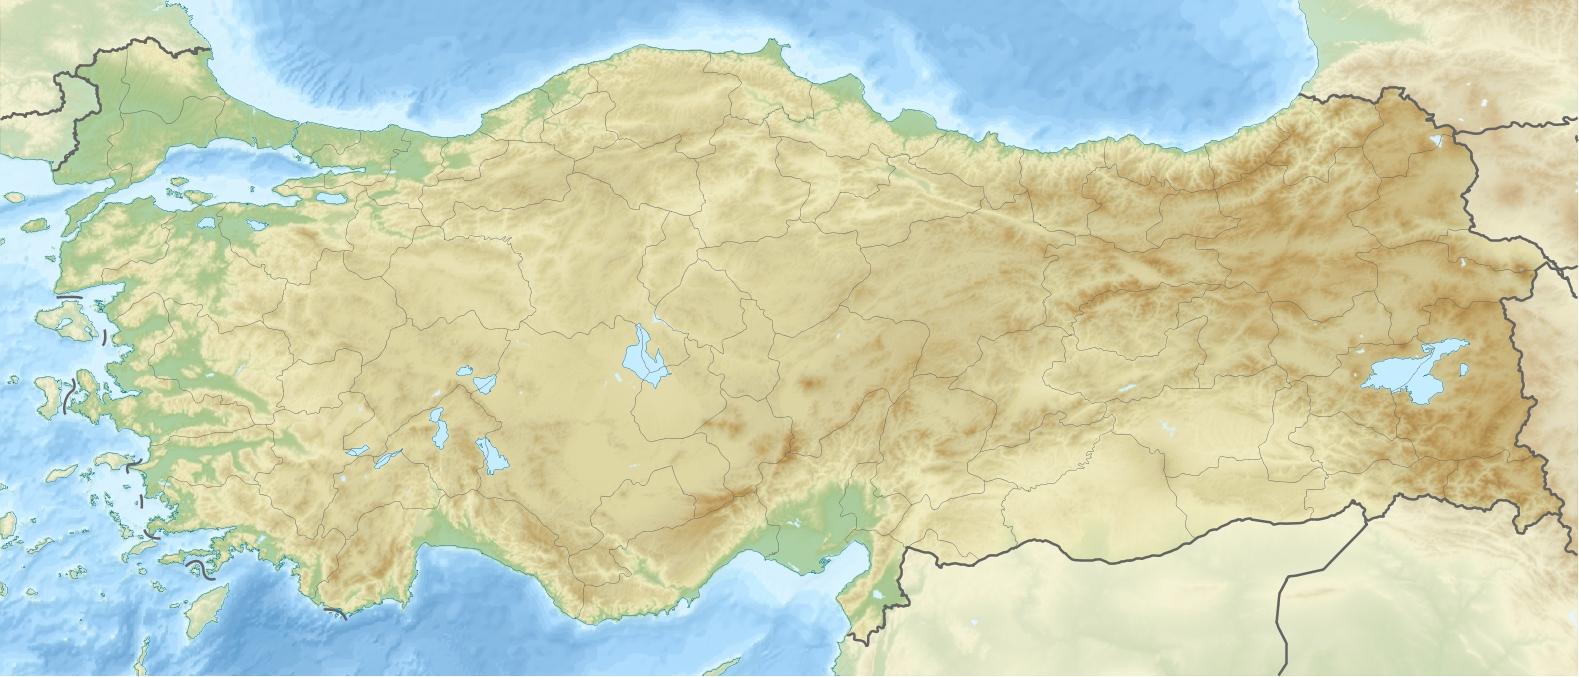 Reliefkarte: Türkei